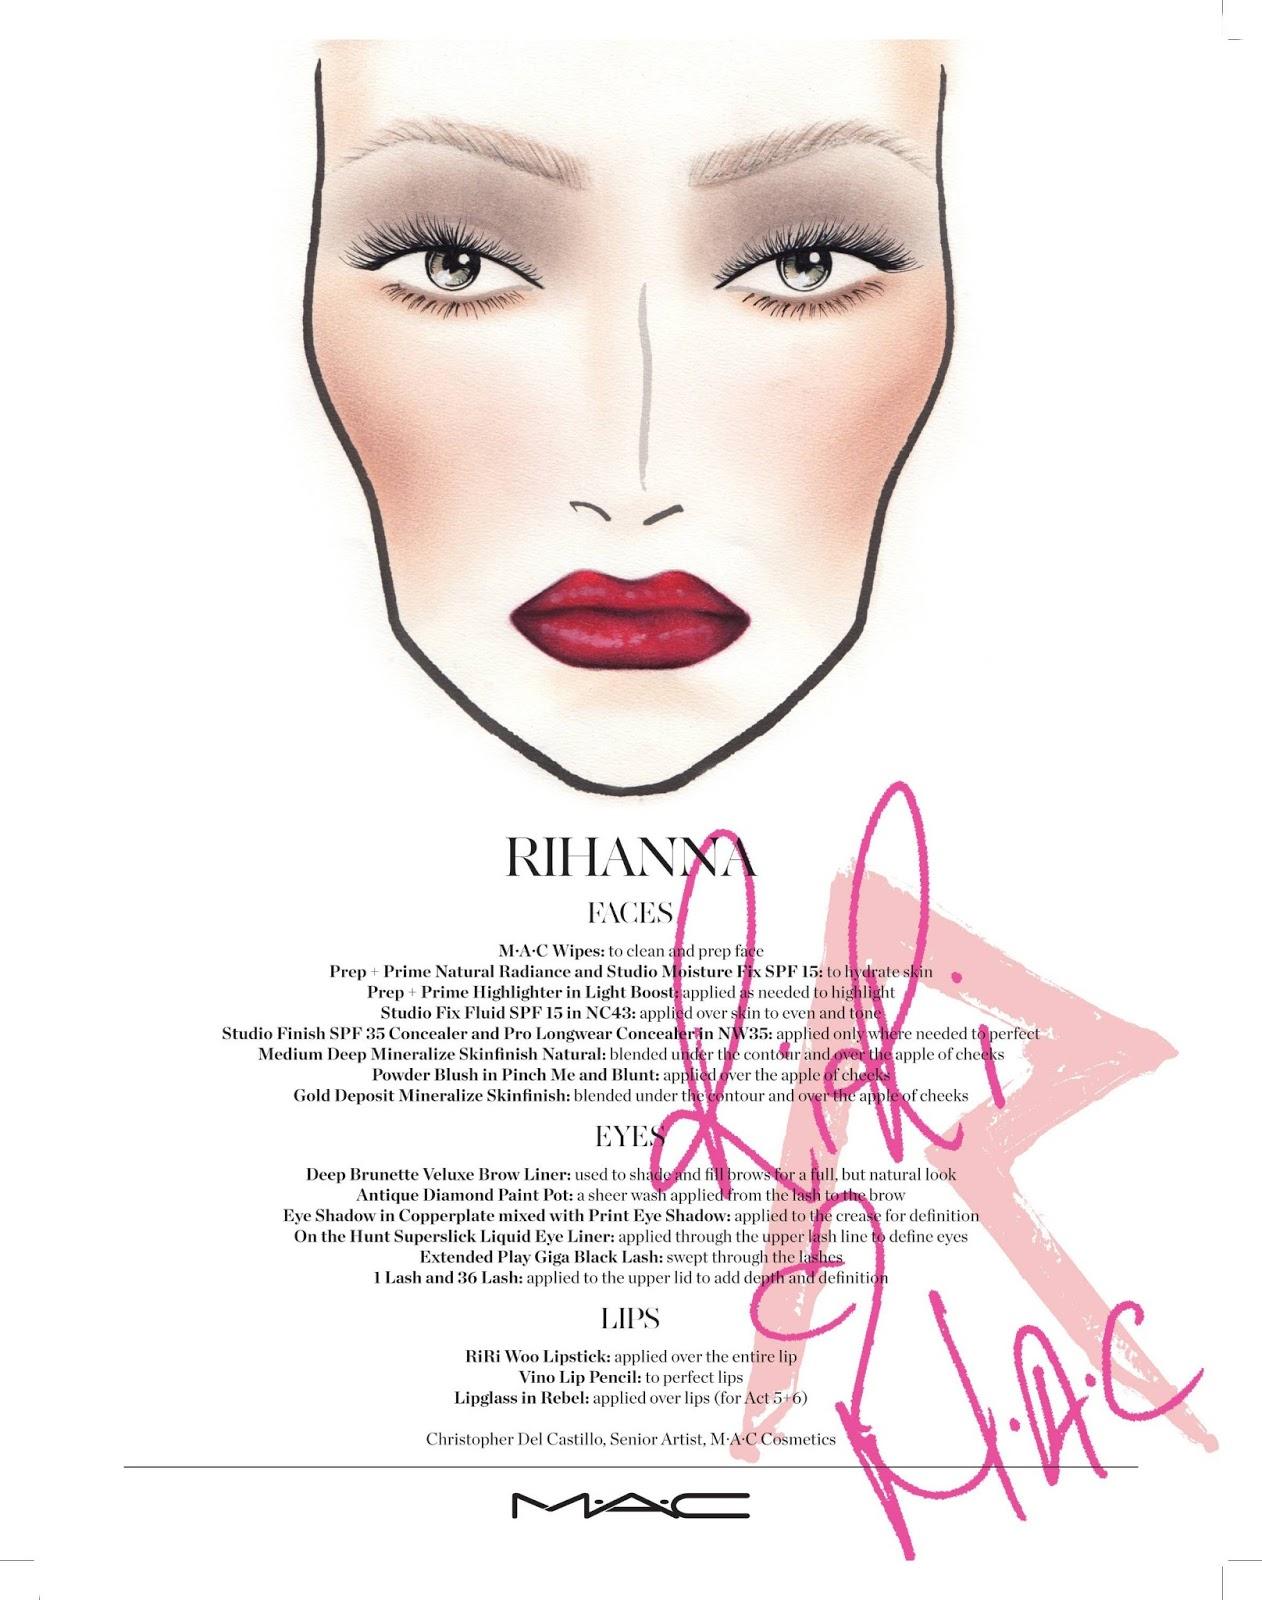 How To Look Like Rihanna Mac Rihanna Face Chart Xoxo Emmy